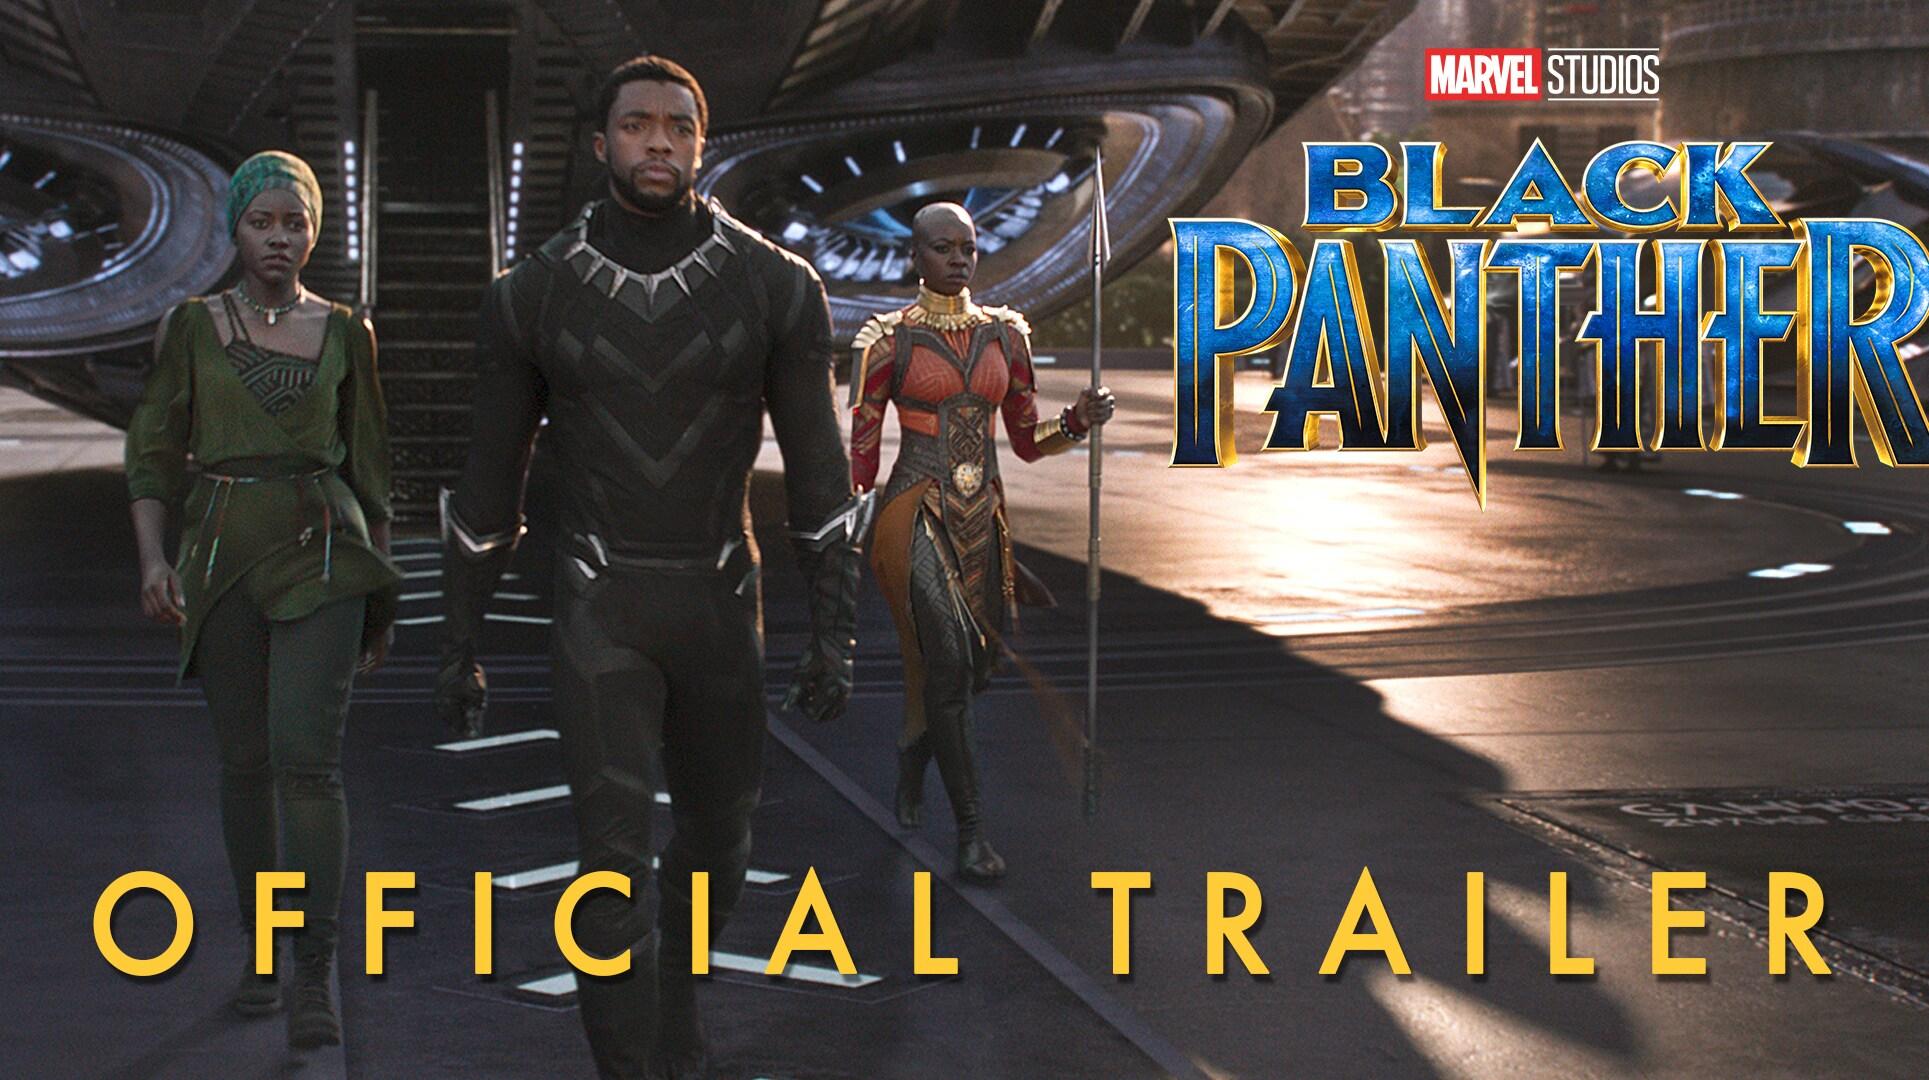 Marvel Studios Black Panther Official Trailer